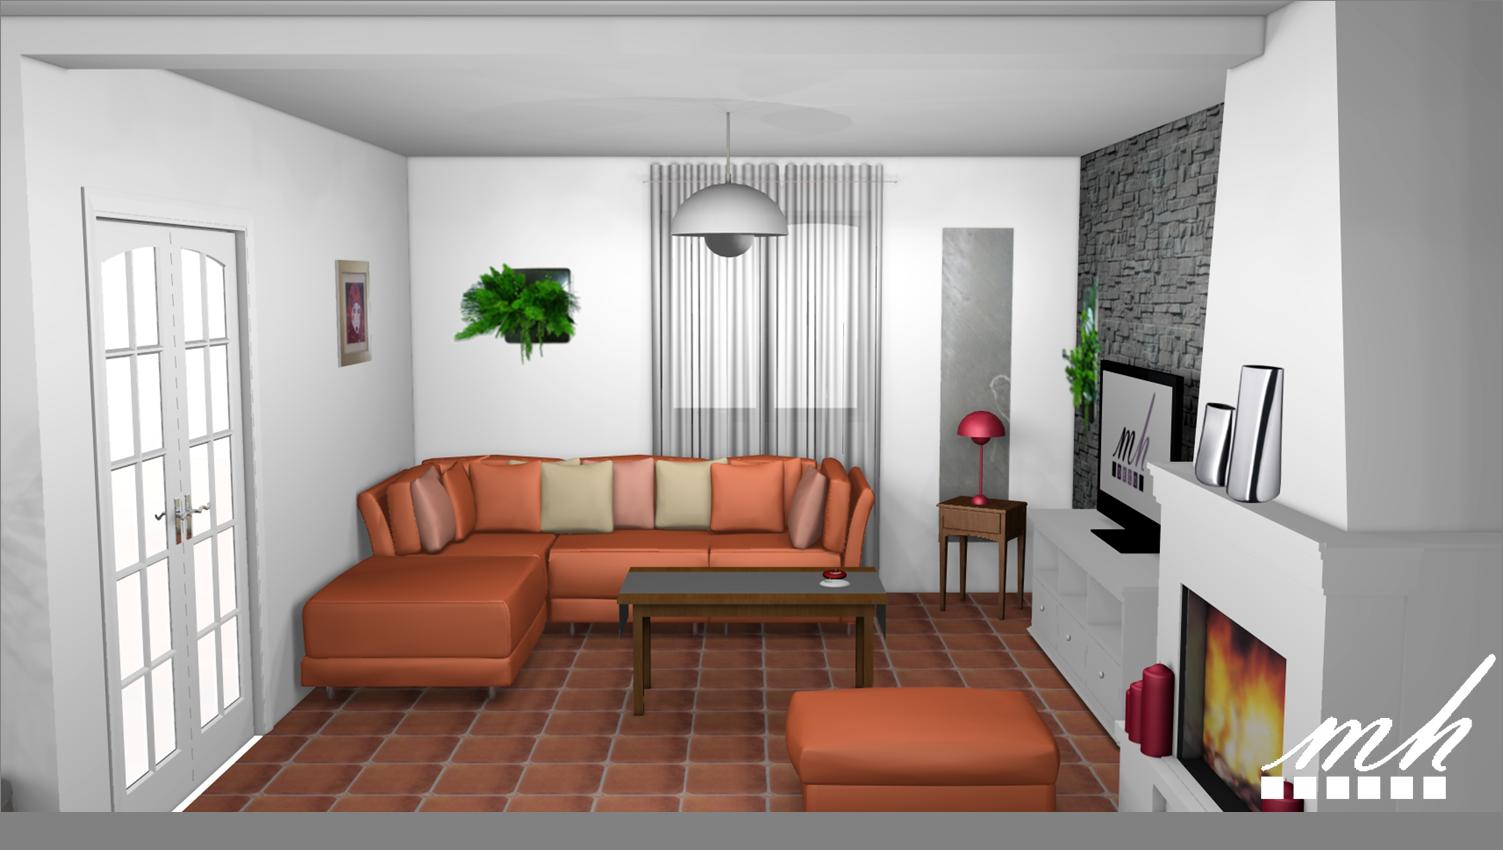 Comment d corer votre maison - Logiciel pour amenager une chambre ...